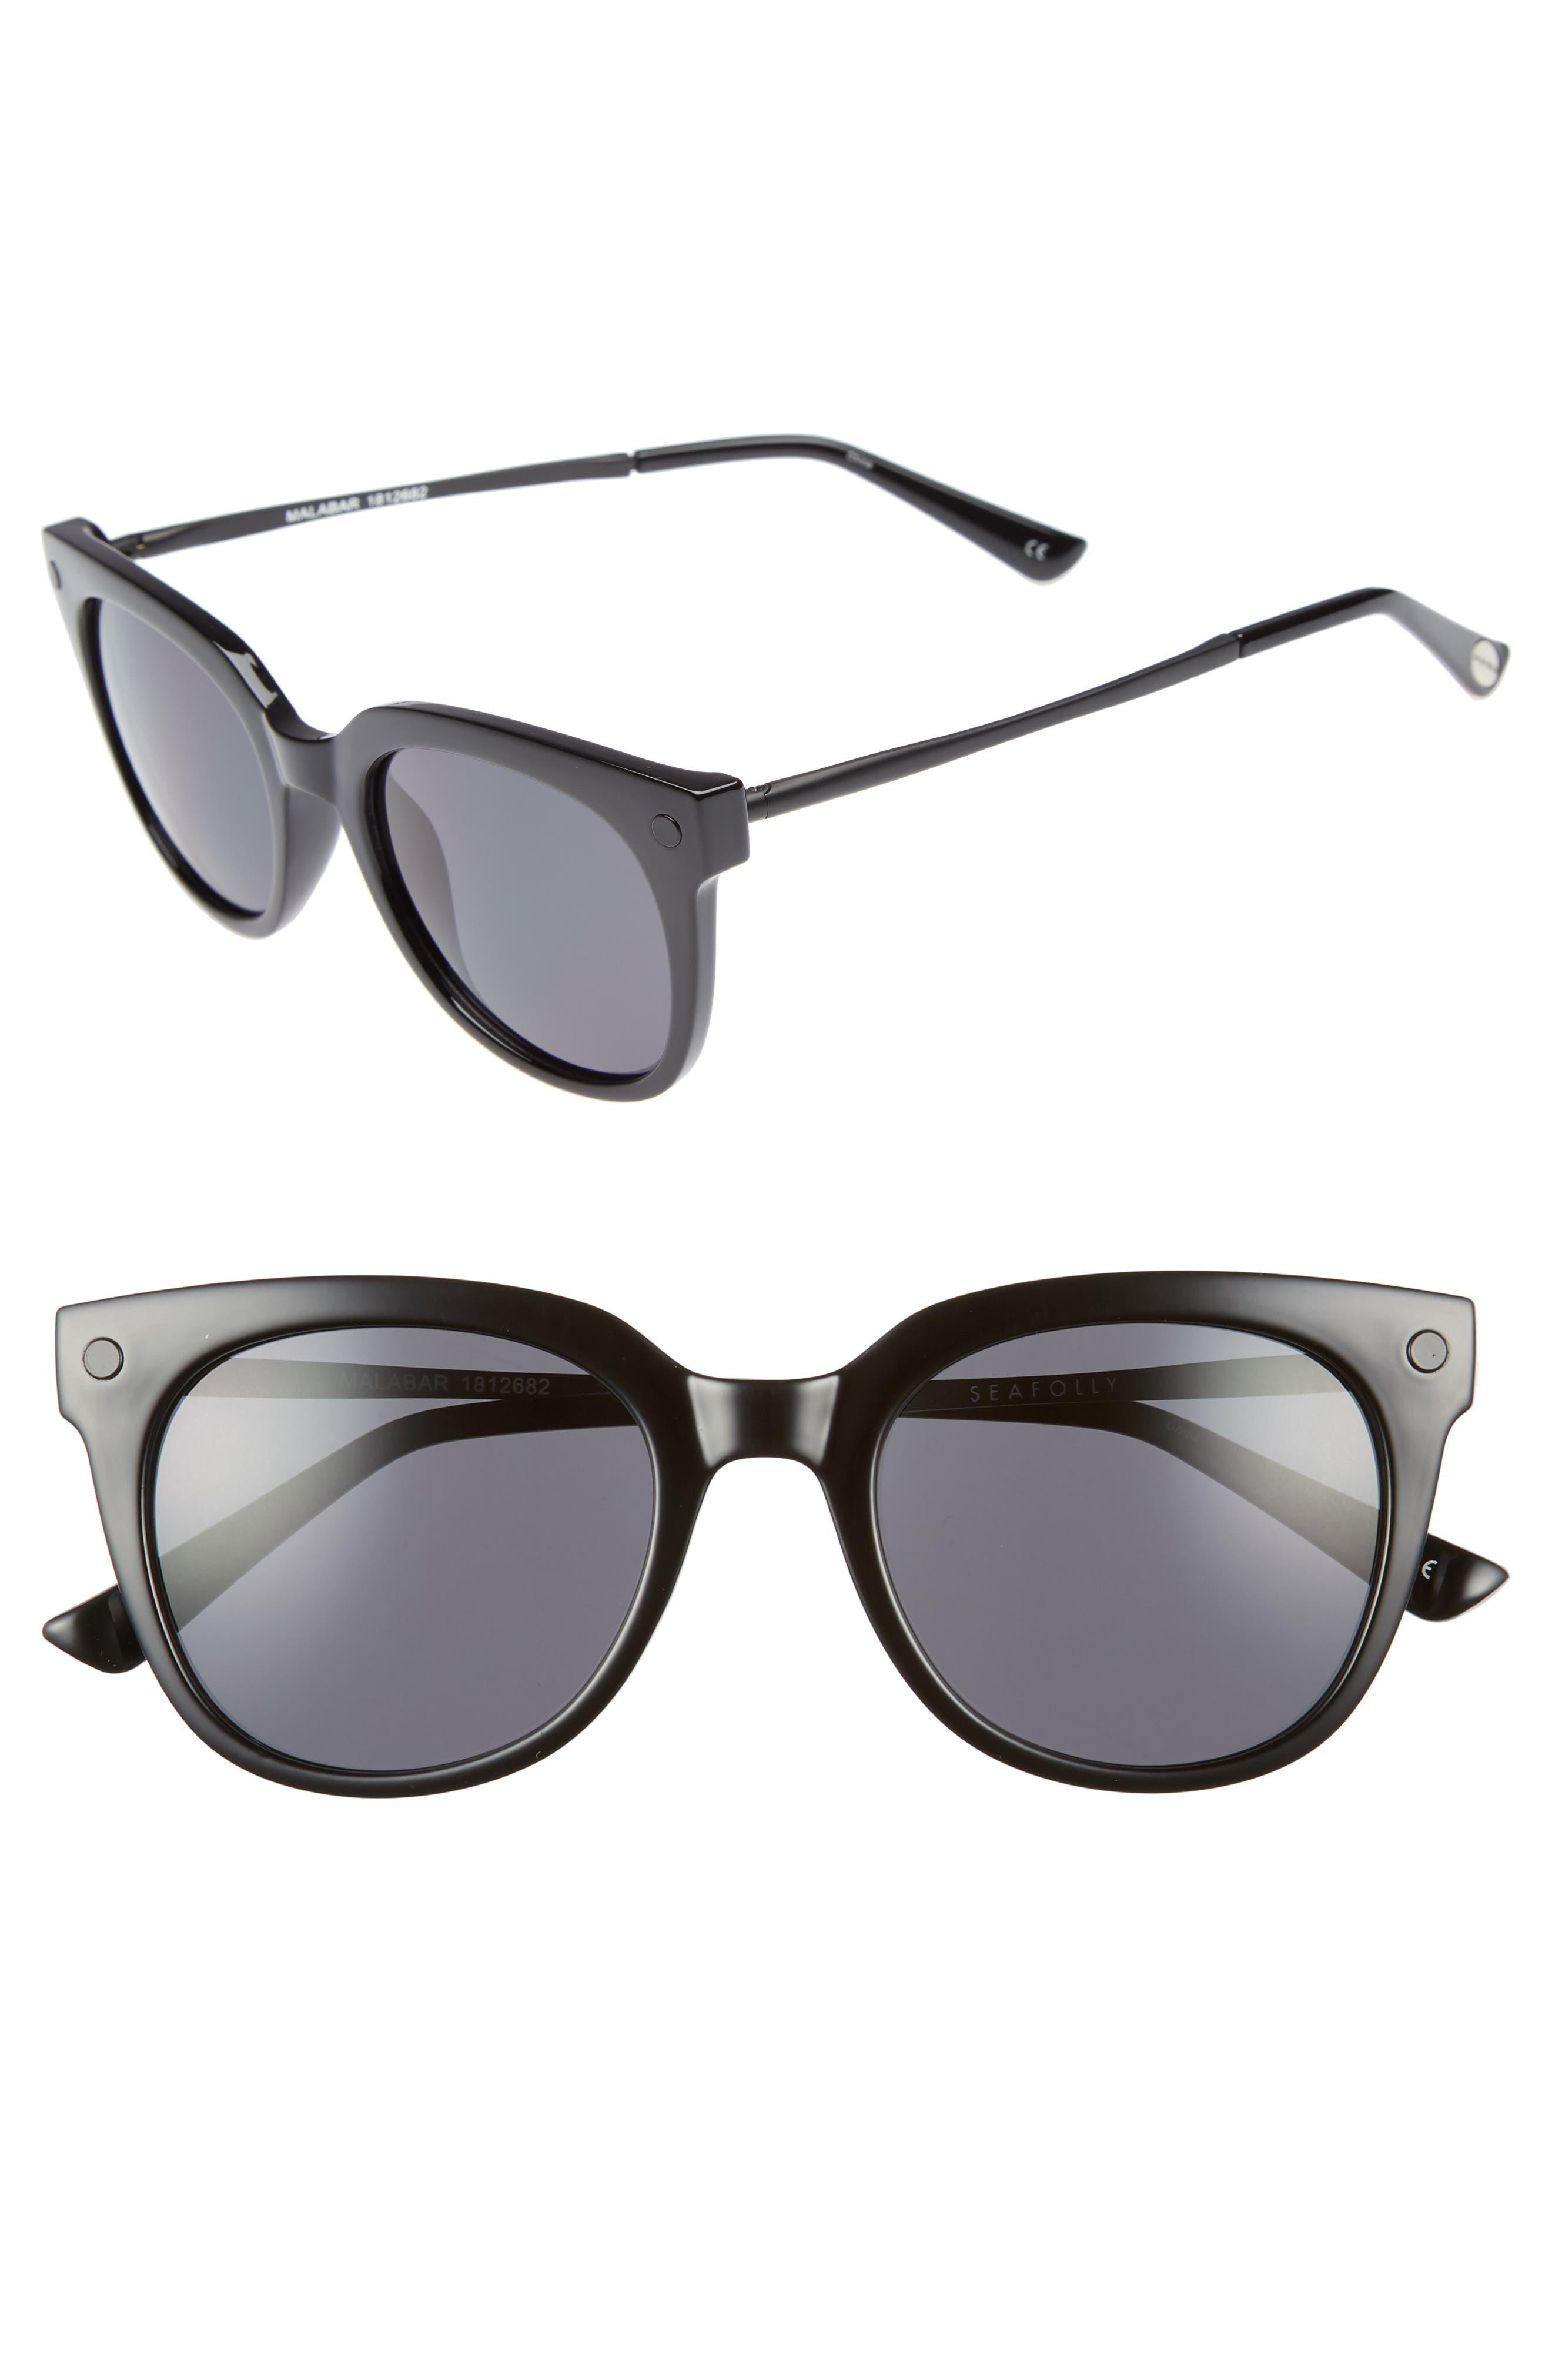 Malabar 52mm Sunglasses,                             Main thumbnail 1, color,                             BLACK